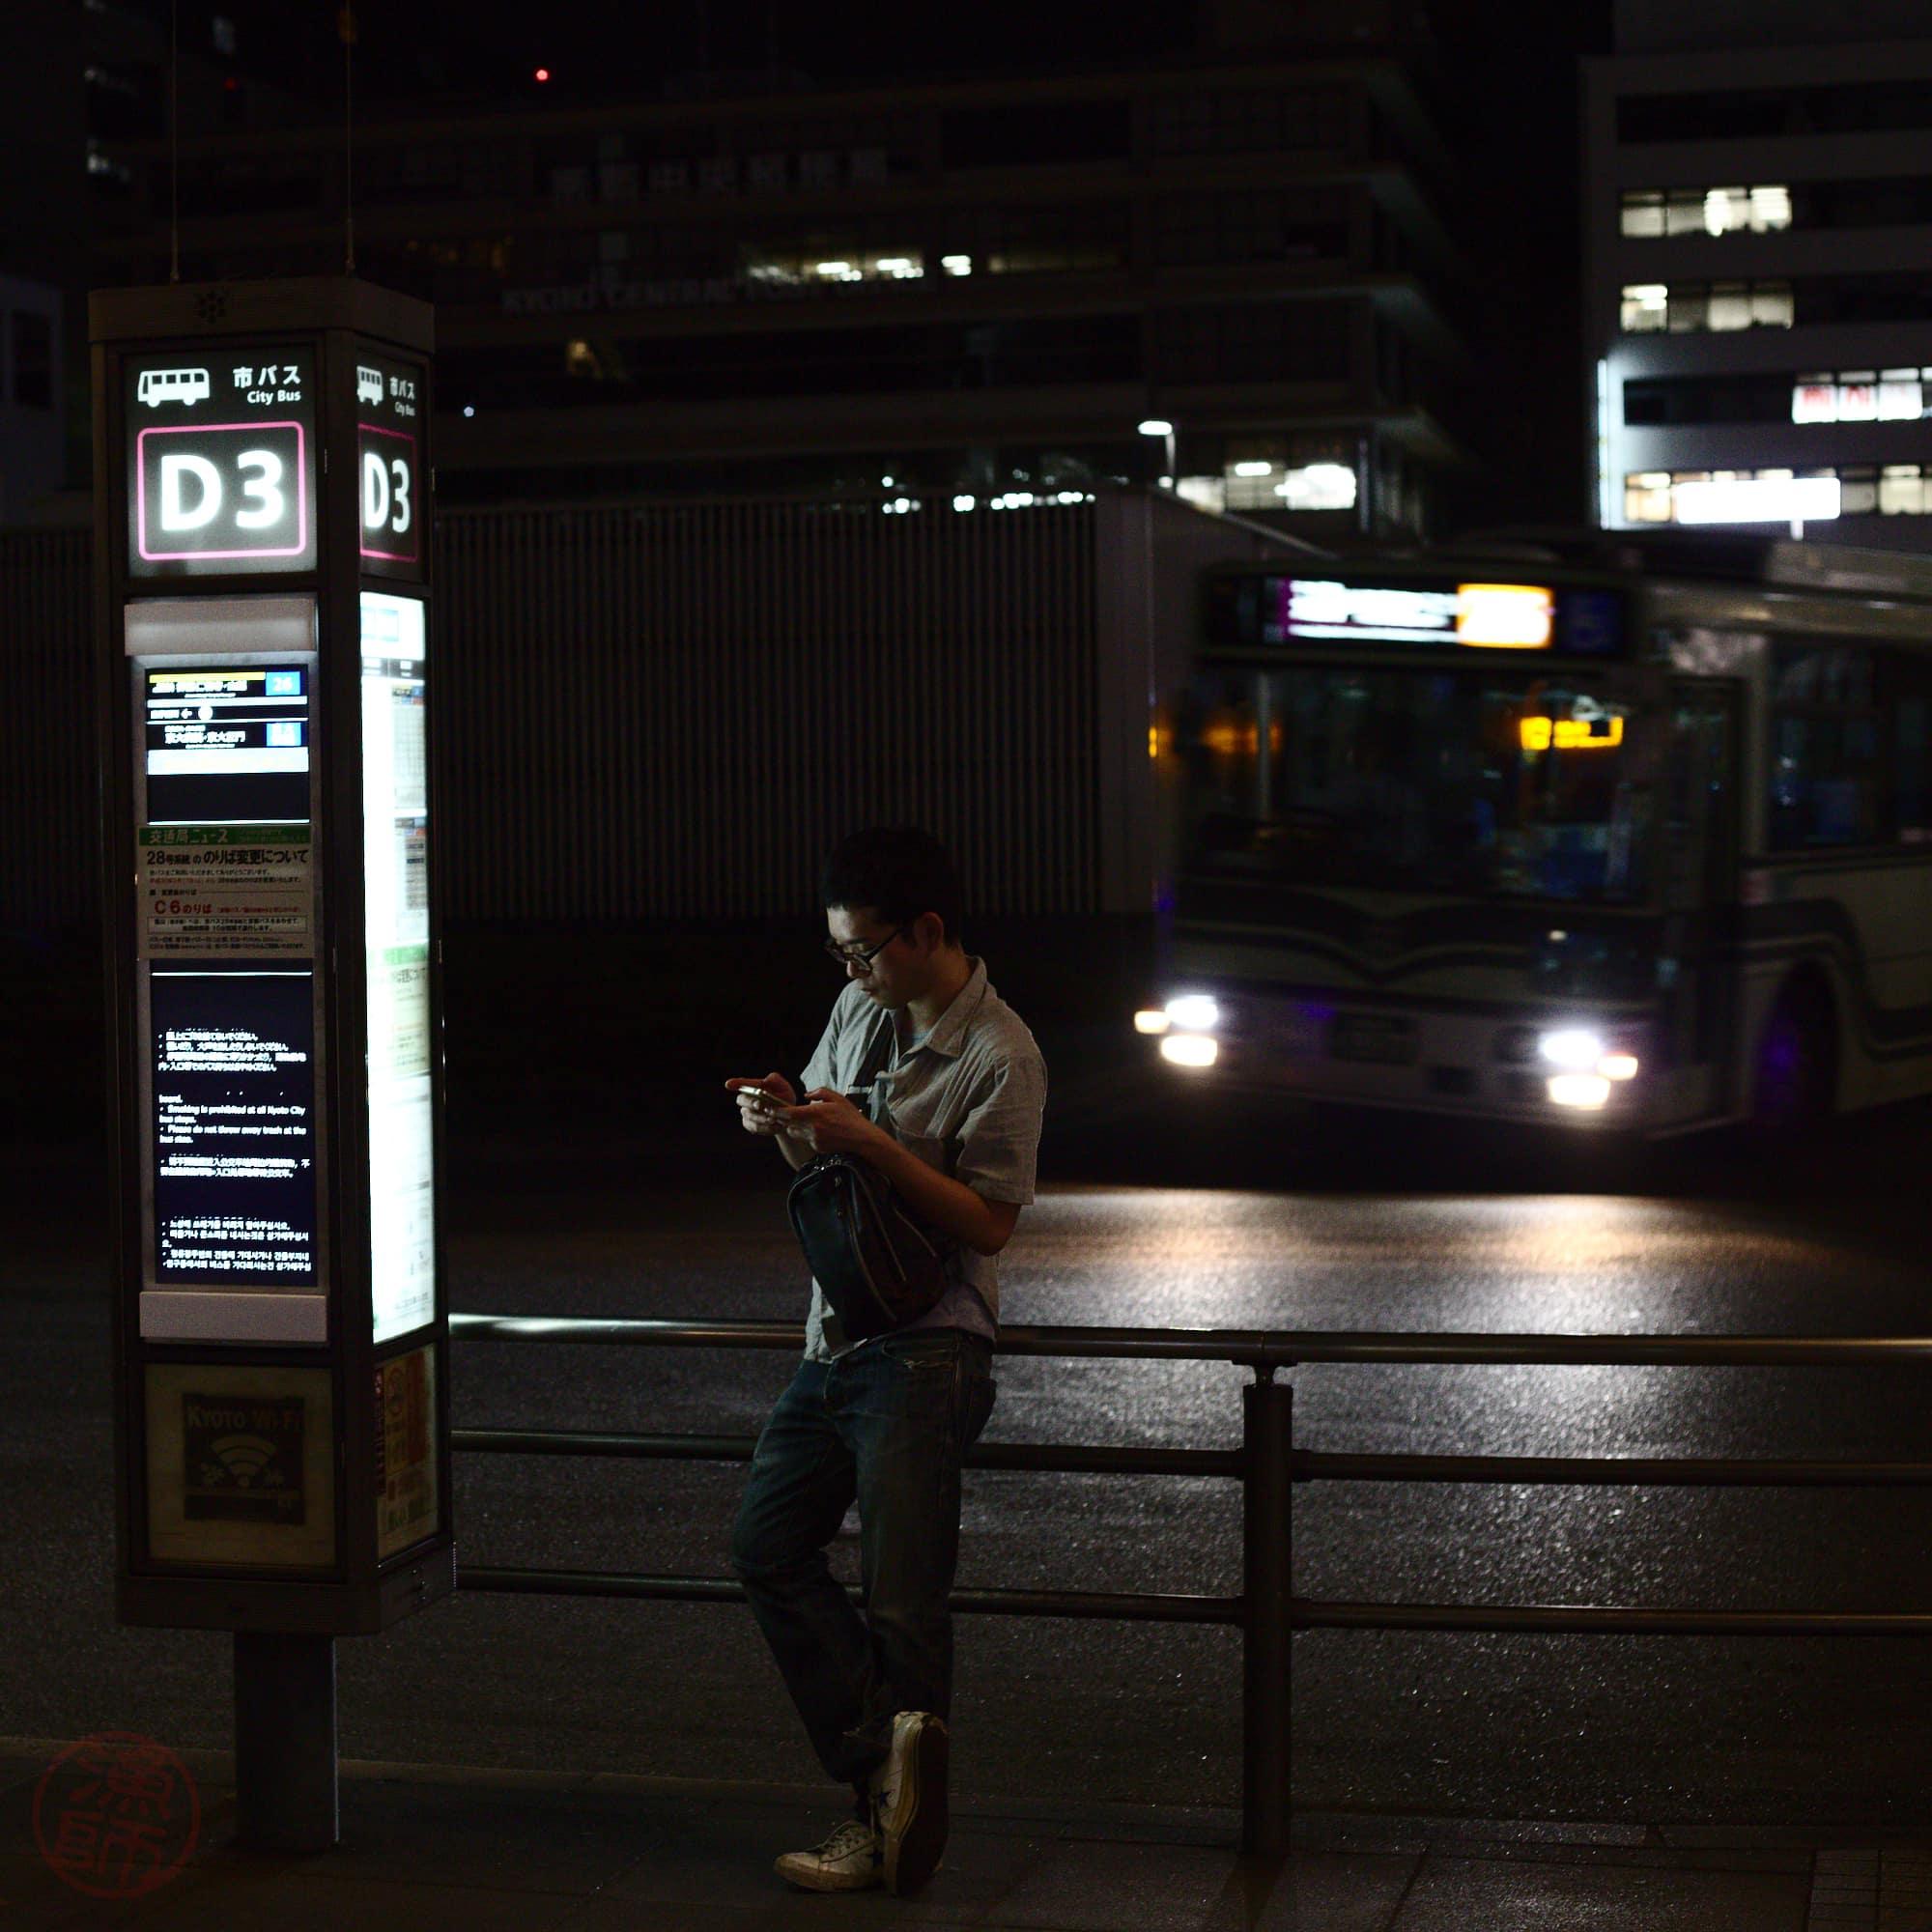 Életkép, a jóember vár a buszra